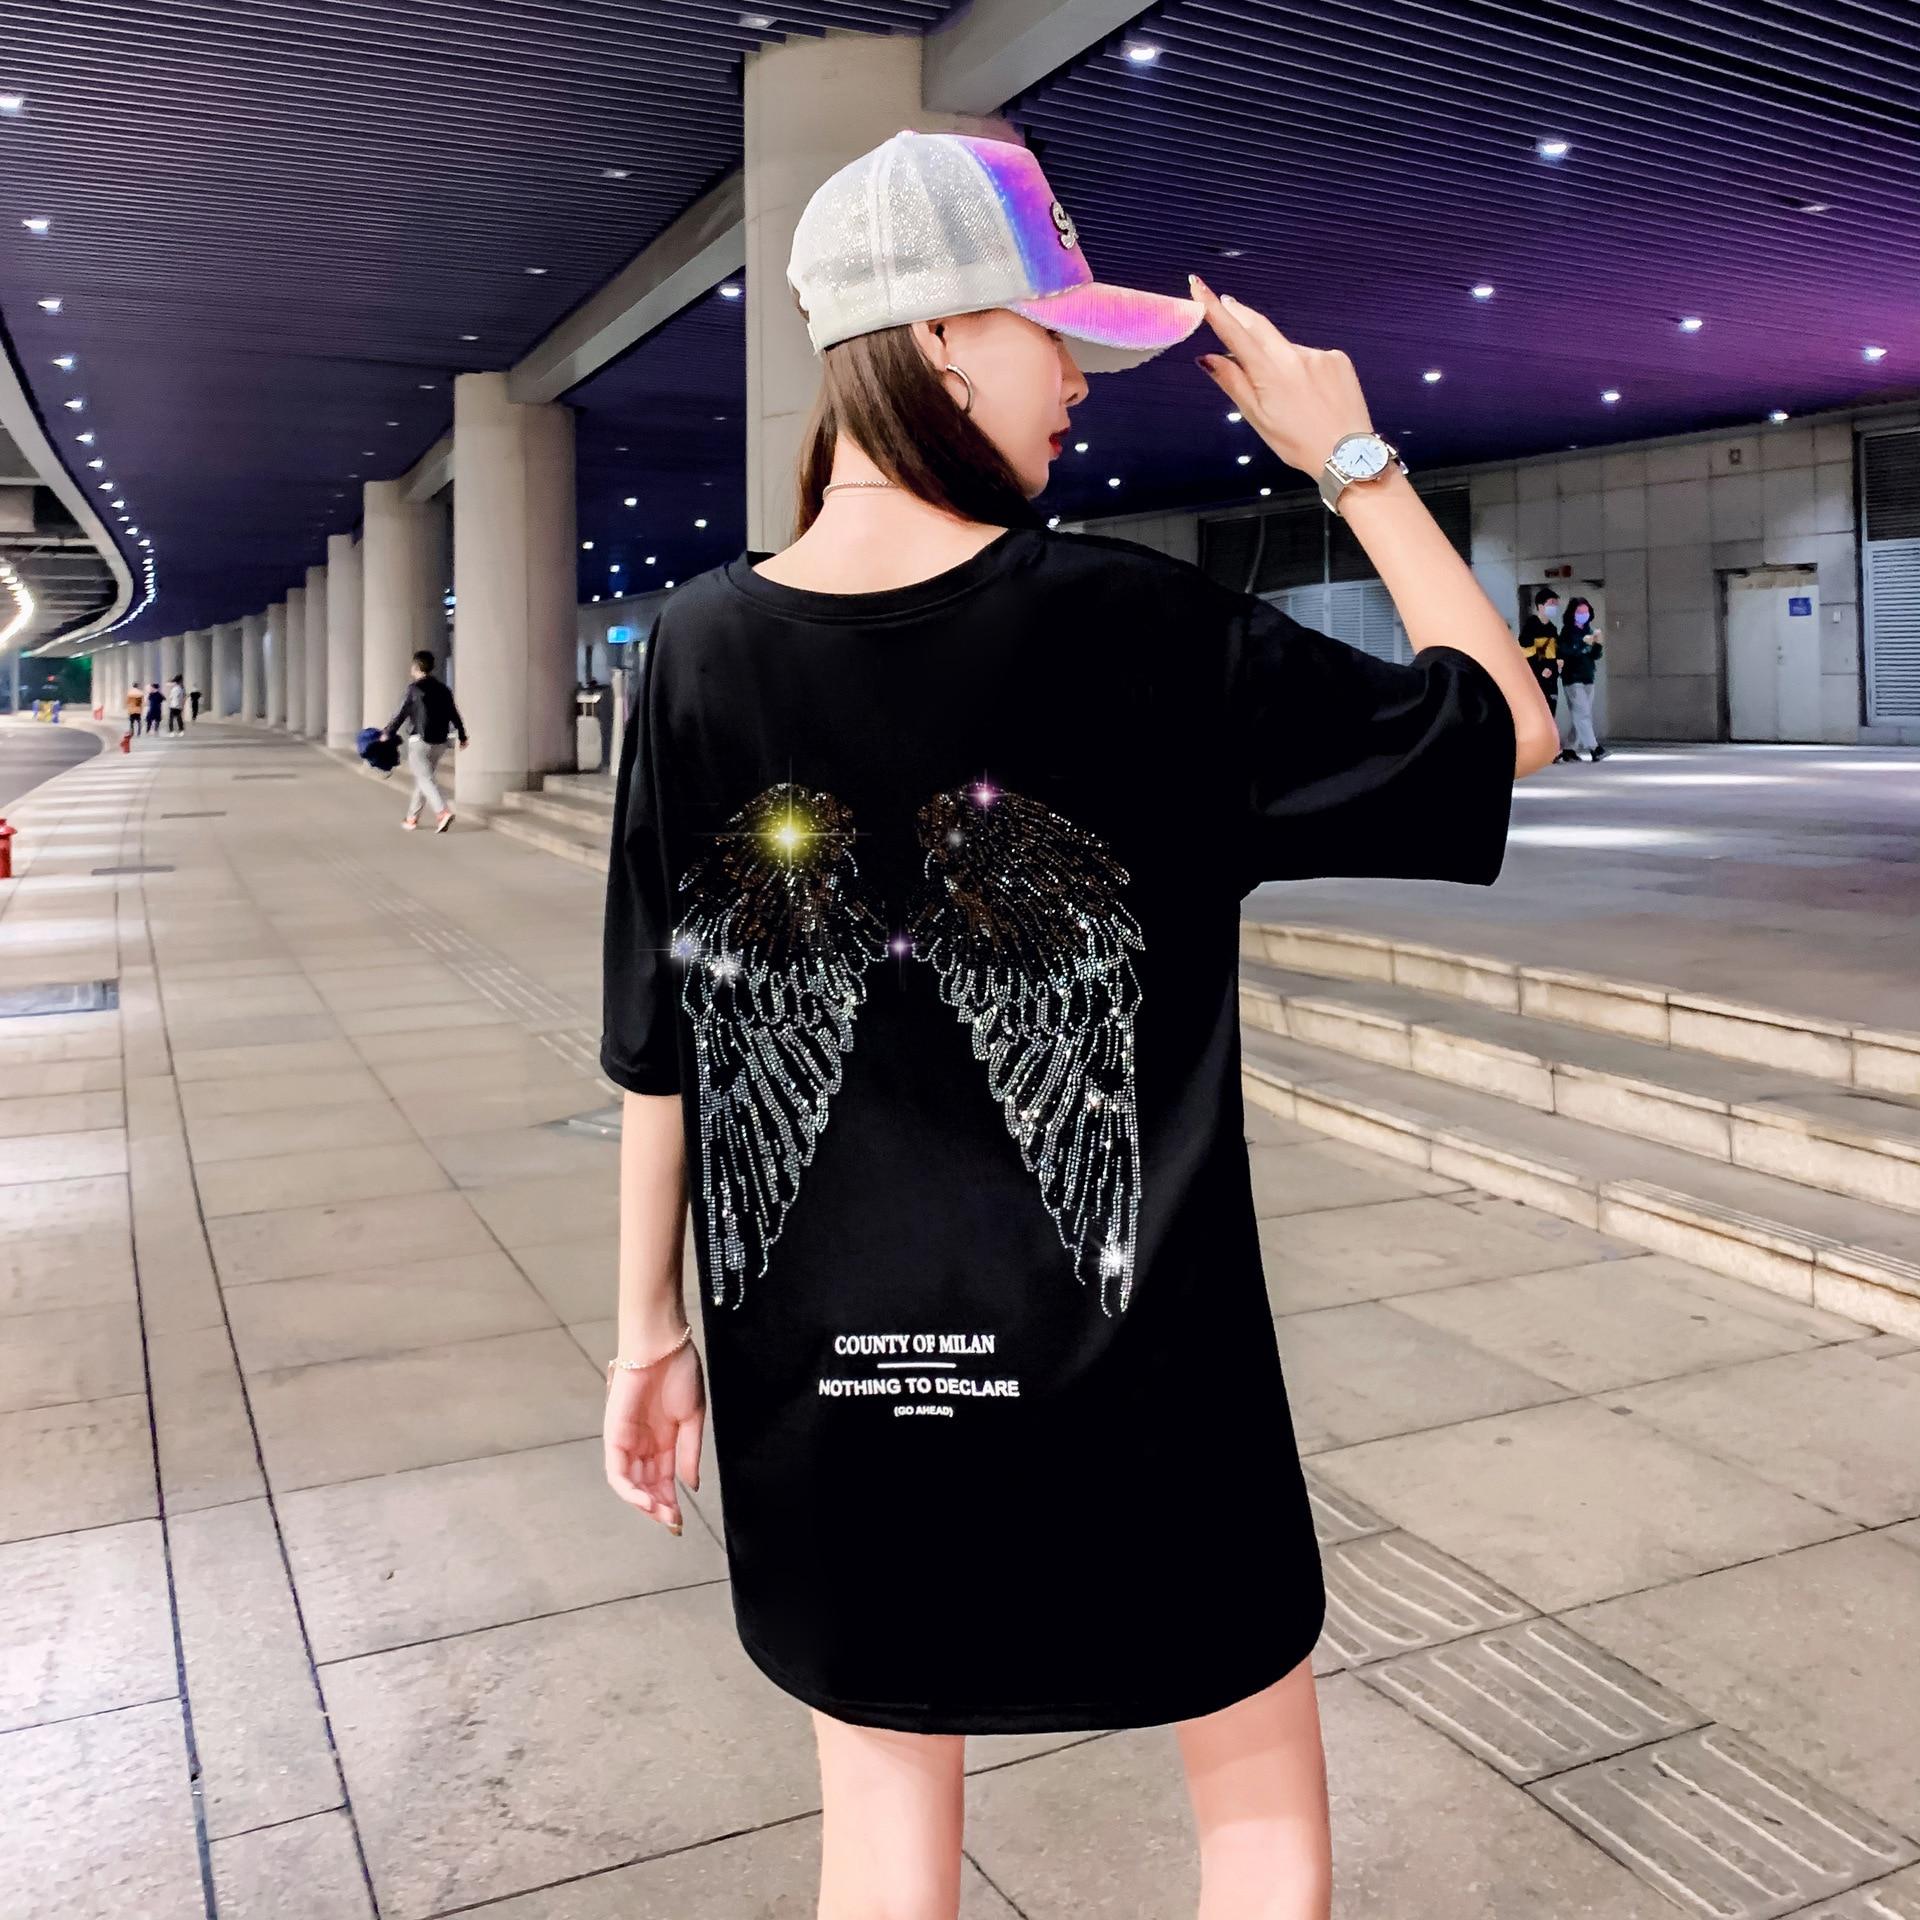 Camiseta de manga corta con alas calientes de perforación pesada, camiseta Base de ocio callejero para mujer, camiseta blanca y negra con el viento que falta más bajo